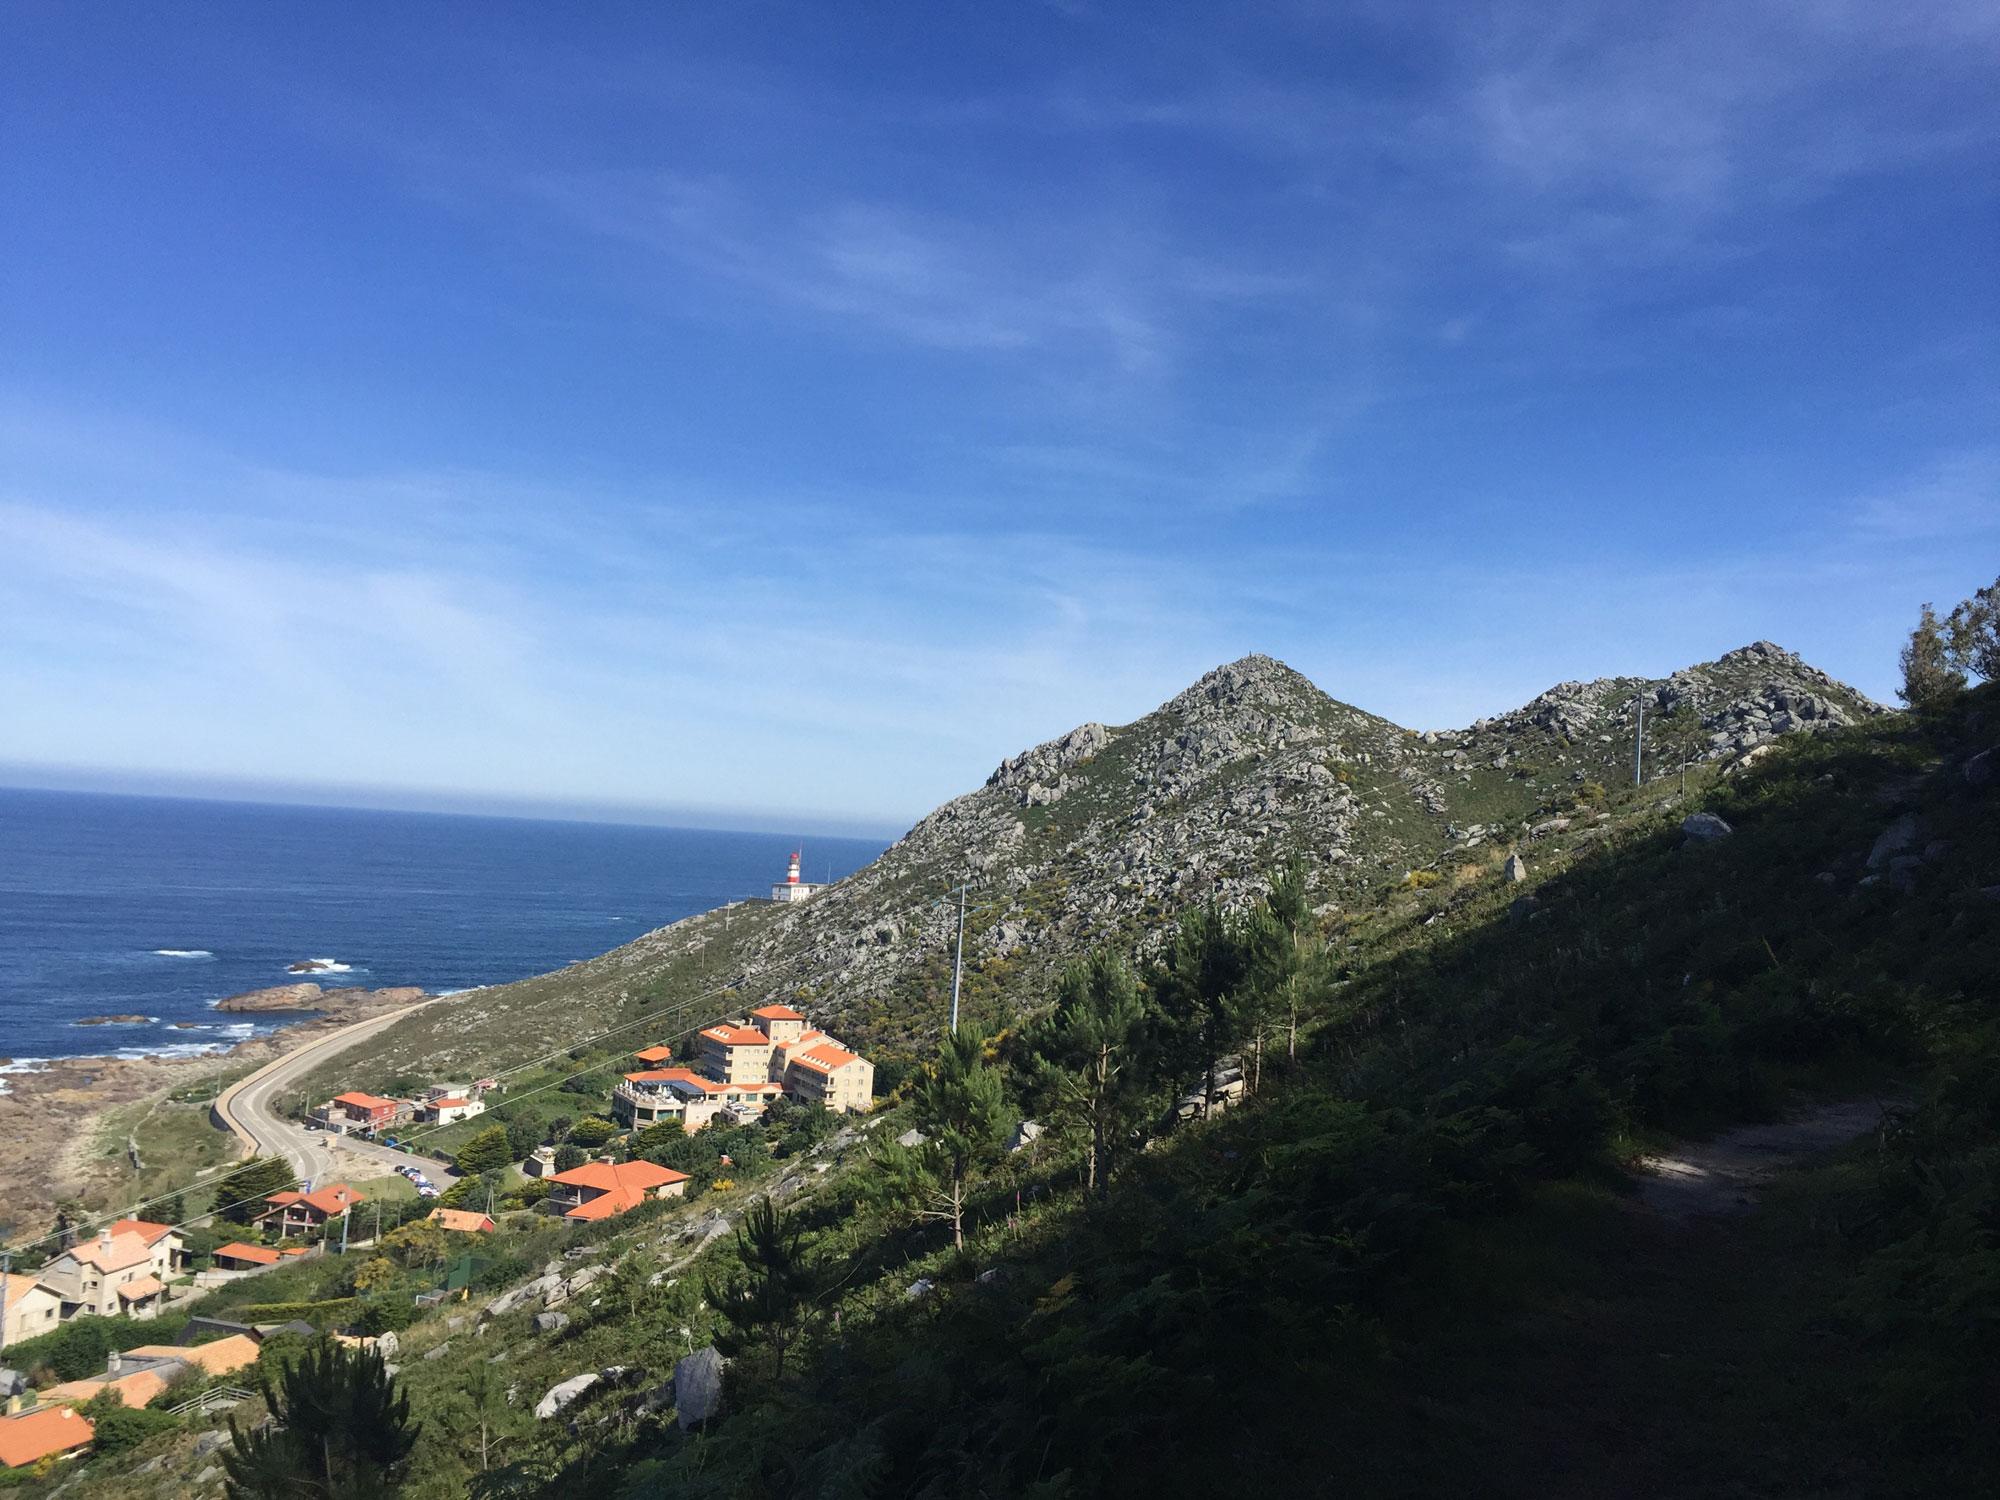 Blick aufs Meer im spanischen Teil des portugiesischen Küstenwegs